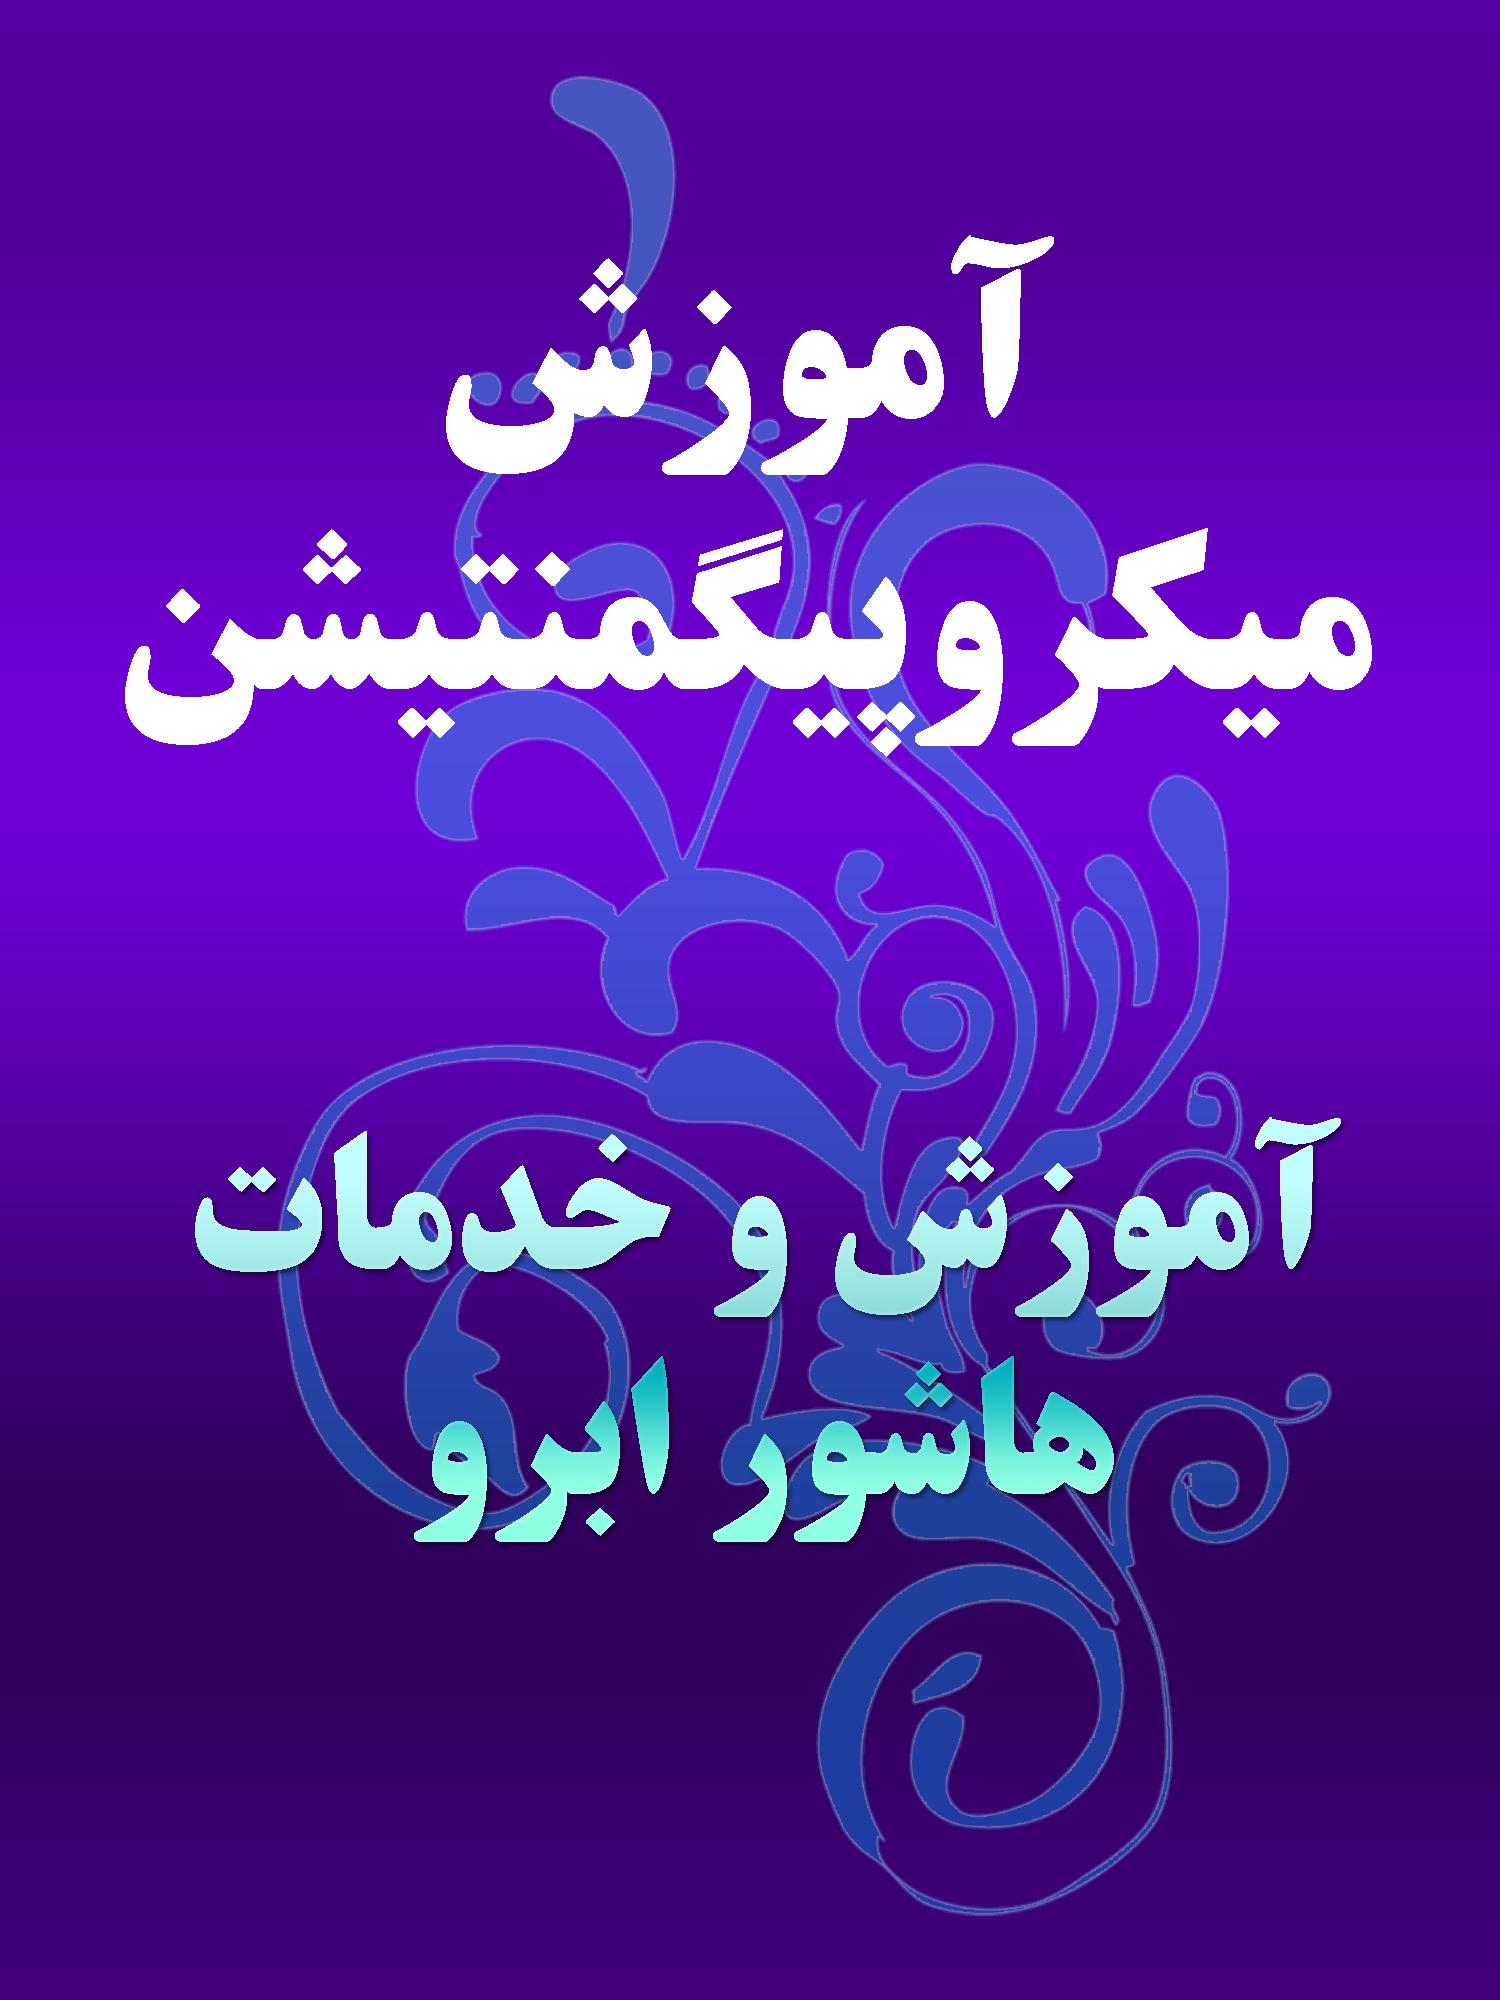 آموزش میکروپیگمنتیشن در تهران,هاشور ابرو غرب تهران